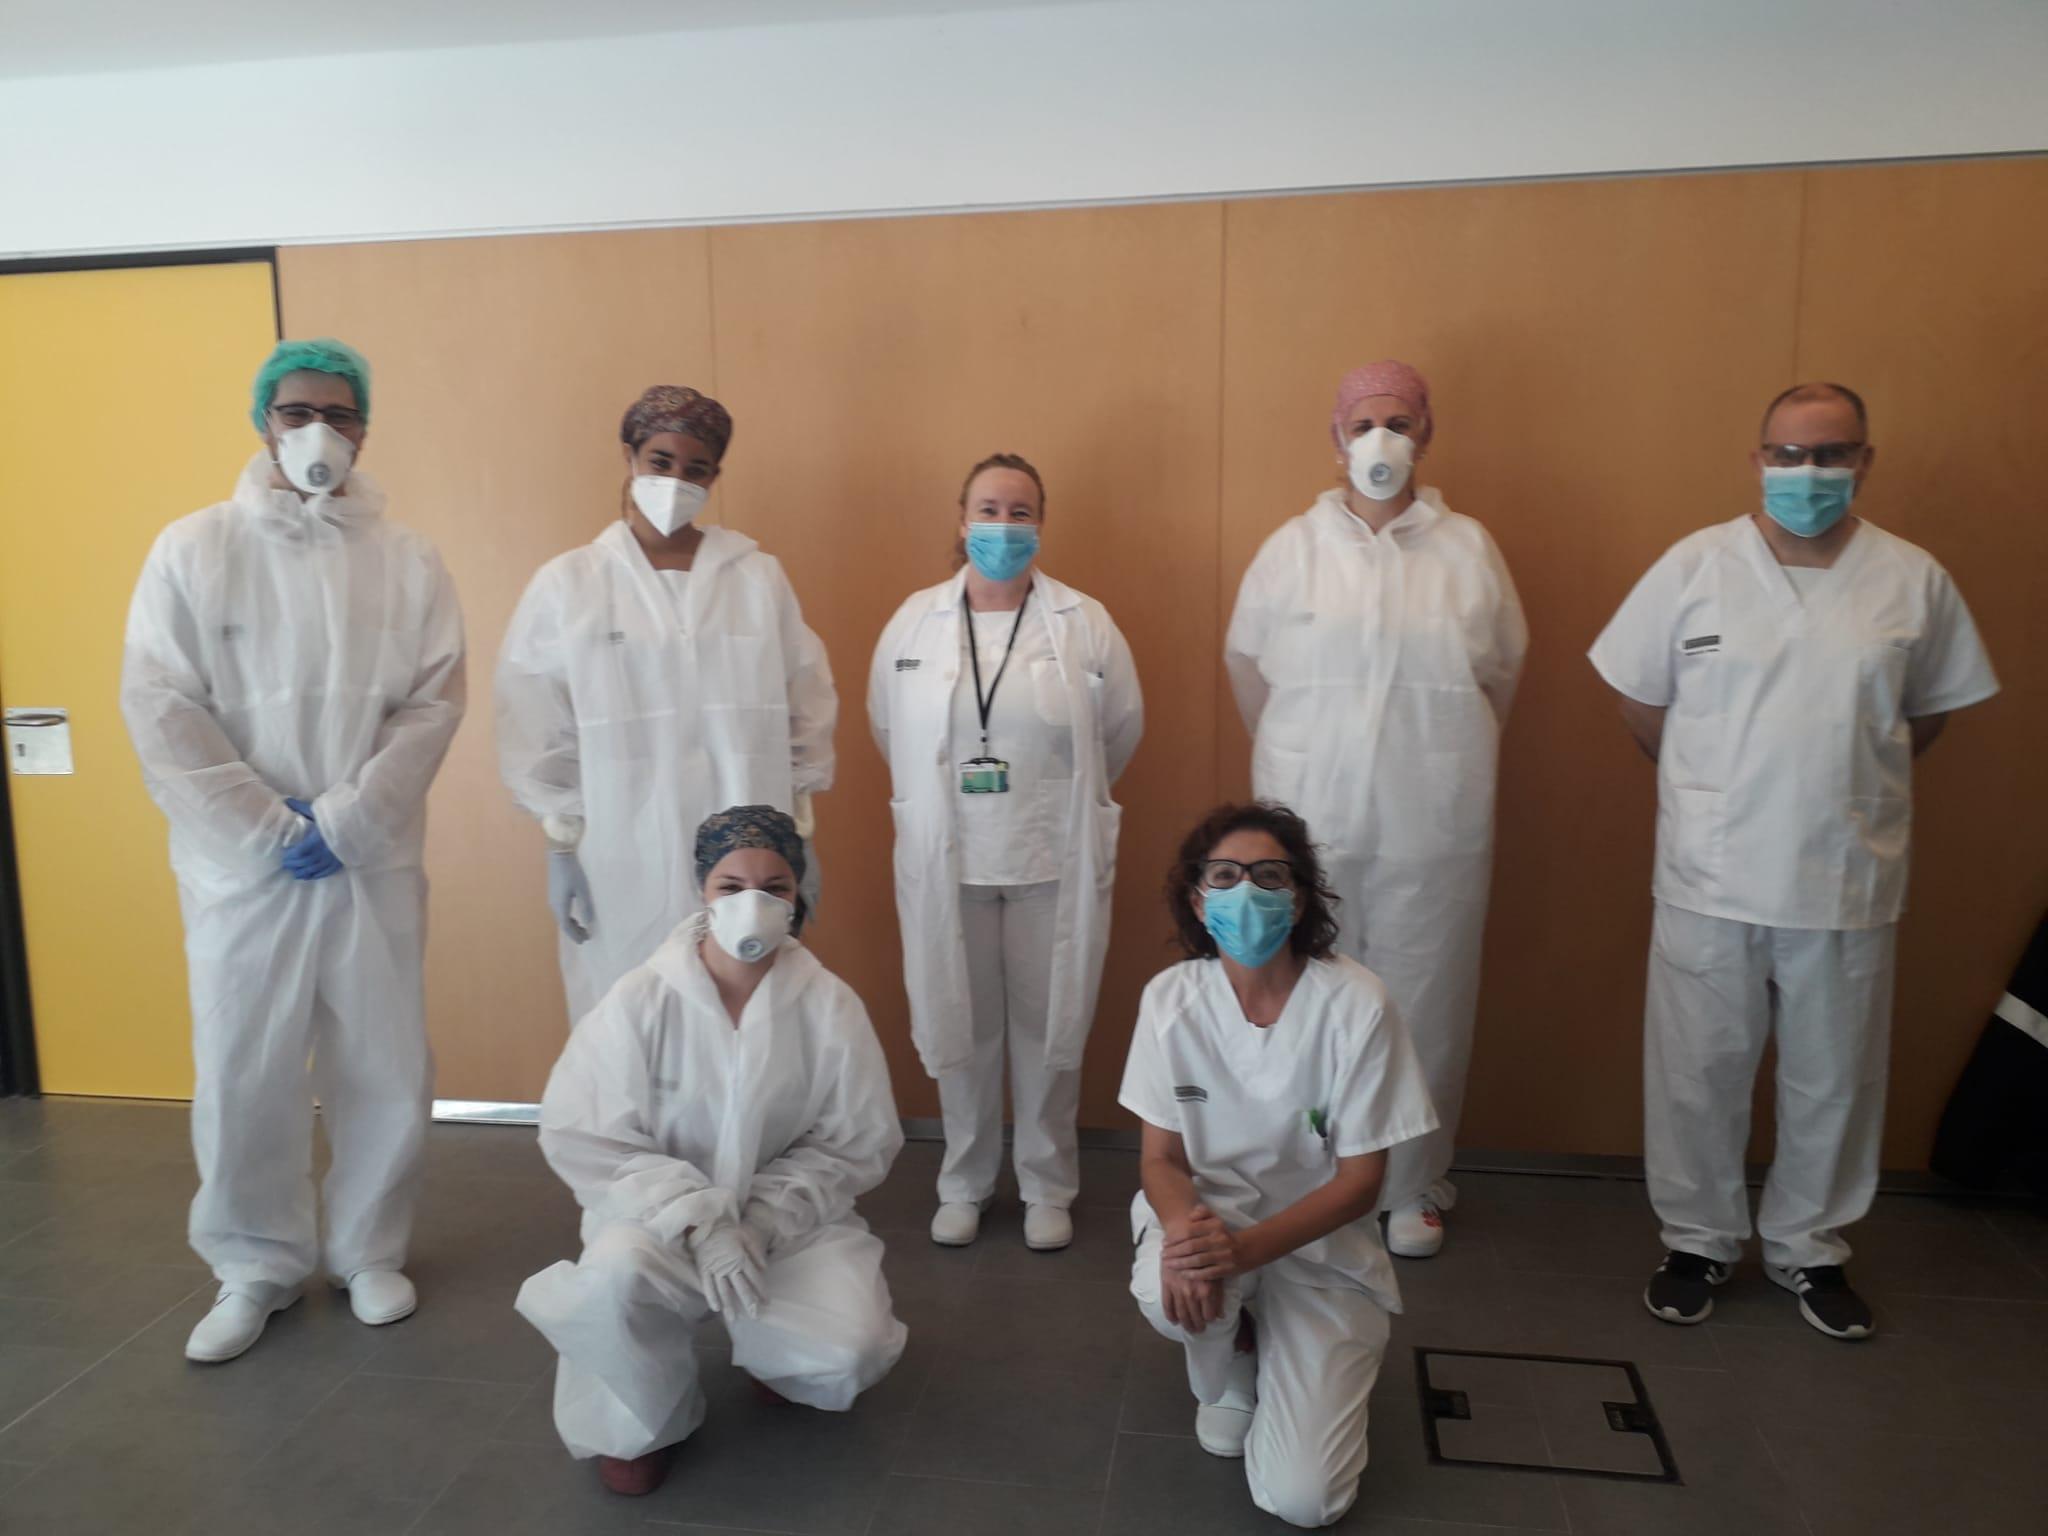 El centro de tecnificación deportiva de Vila-real da de alta a los últimos pacientes